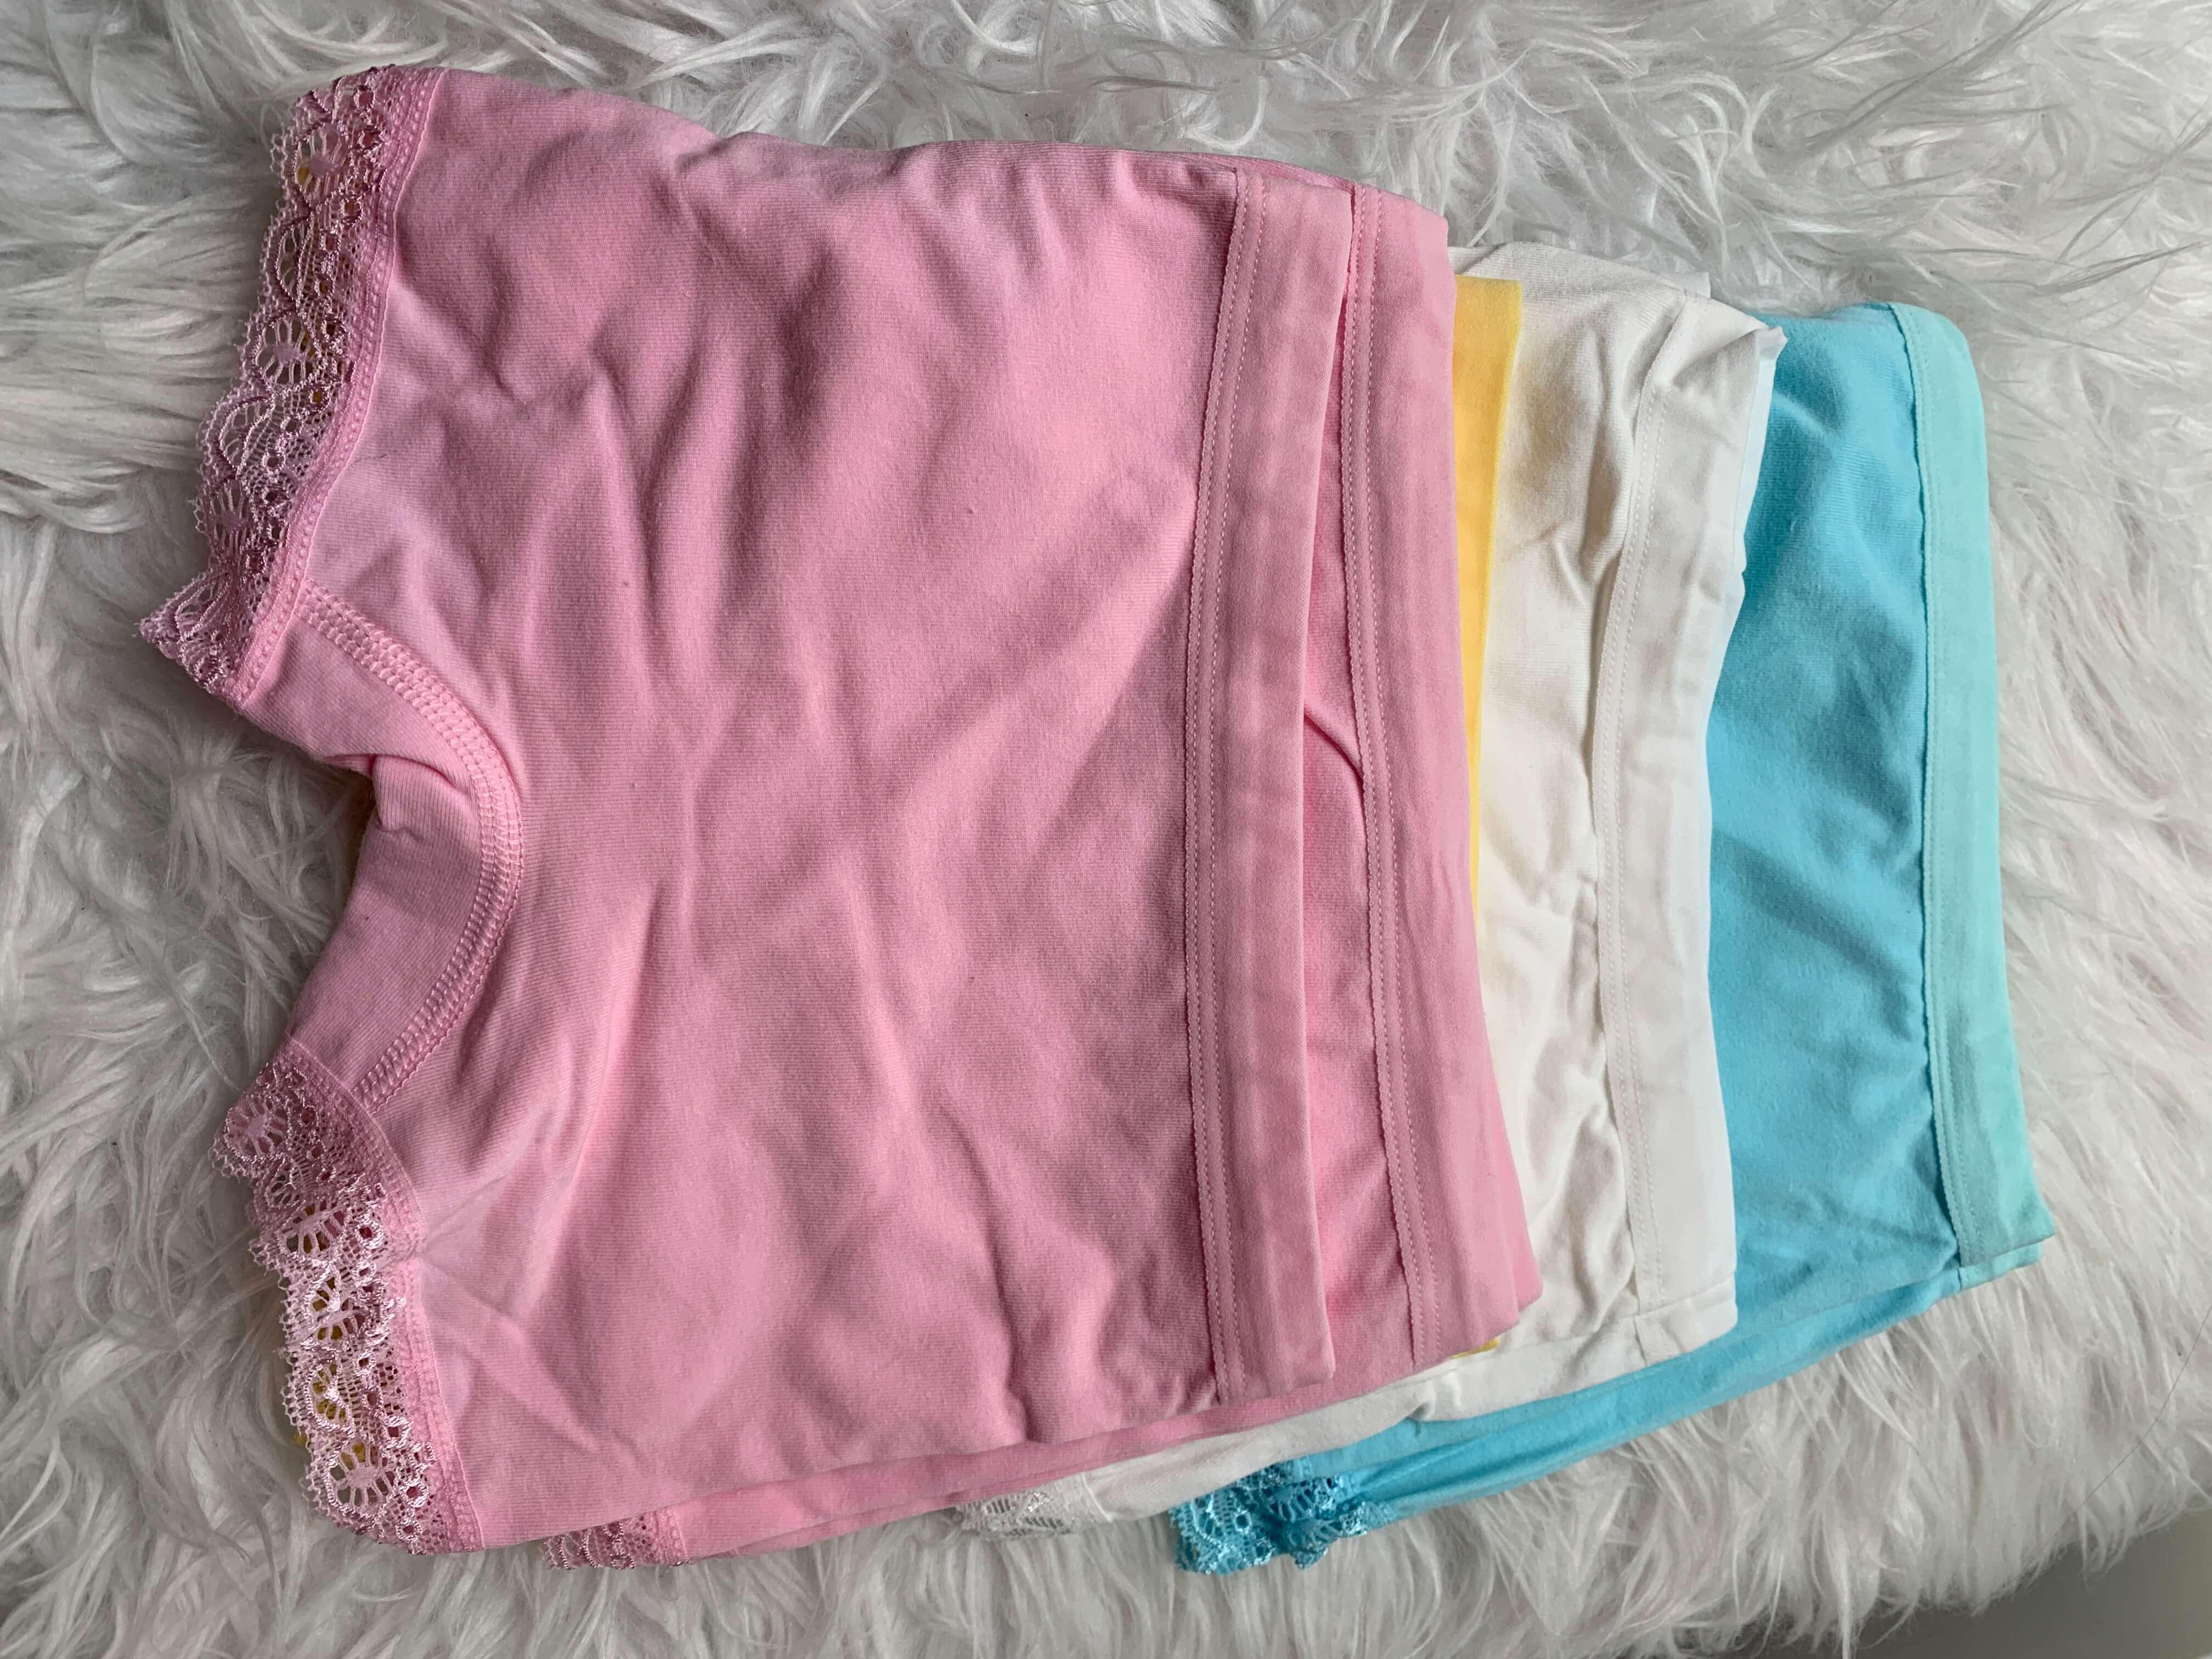 Amazon Fashion Haul | playground shorts | Style Your Senses